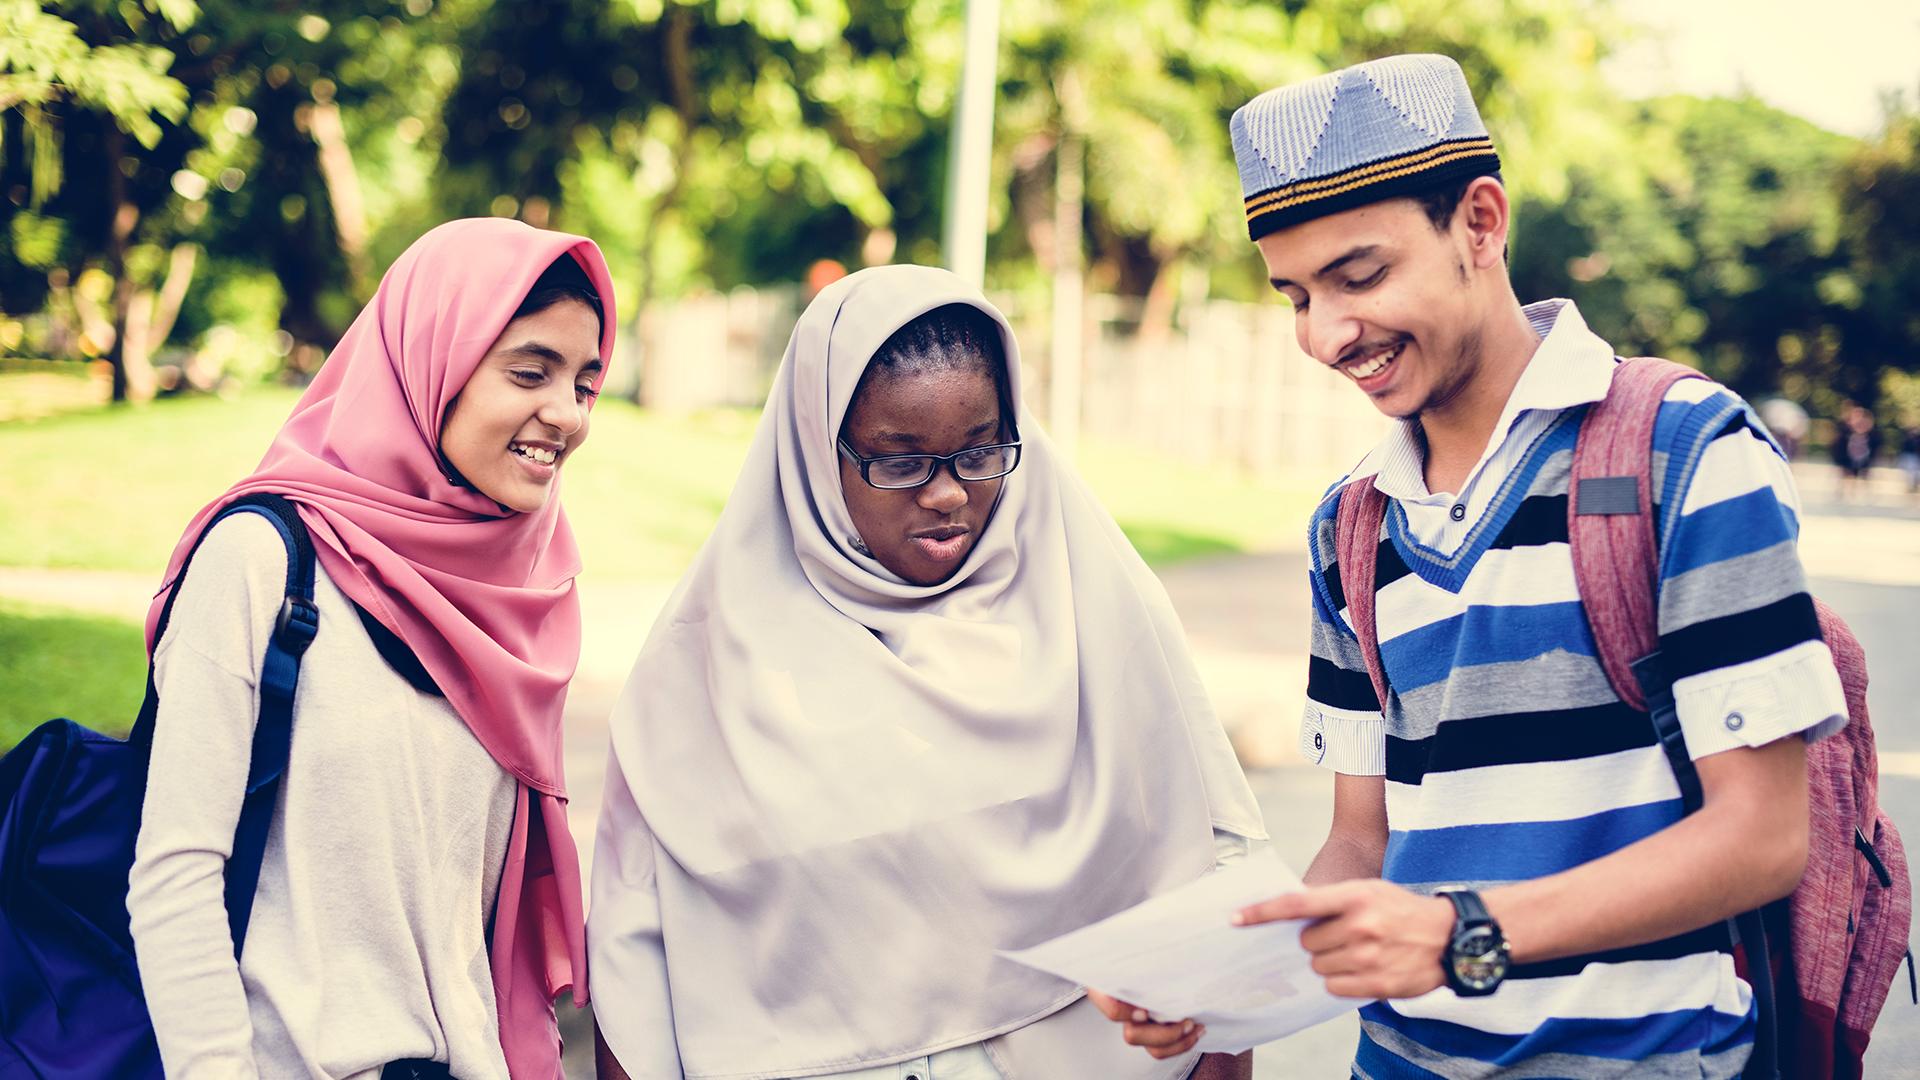 รูปหญิงสาวสองคนที่มีความหลากหลาย ทั้งสองคนสวมผ้าคลุมศีรษะ และมีชายหนุ่มคนหนึ่งสวมหมวกกำลังจ้องมองกระดาษ